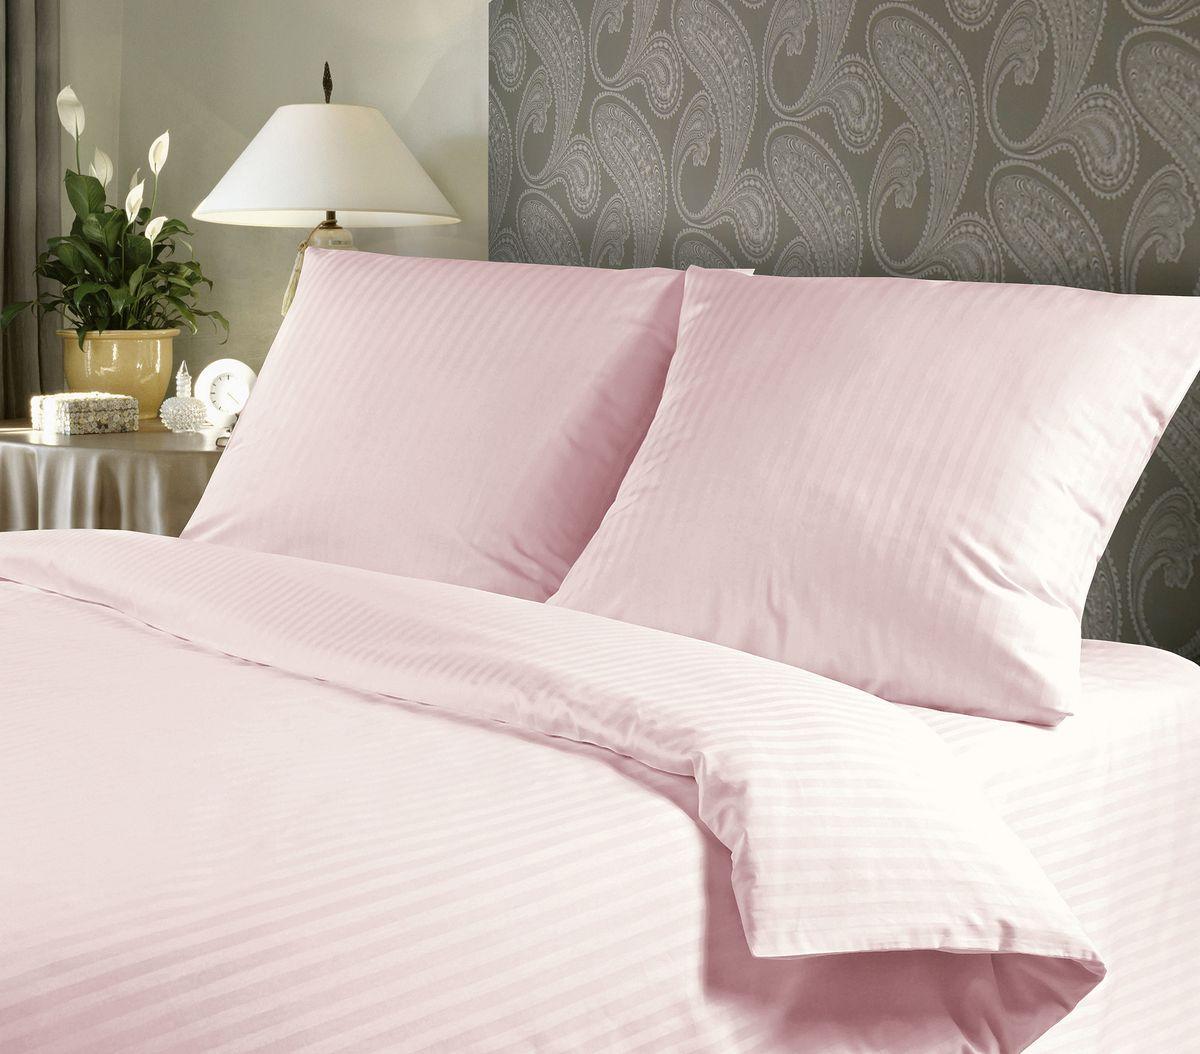 Комплект белья Verossa, 1,5-спальный, наволочки 70х70, цвет: розовый192827Сатин - настоящая роскошь для любителей понежиться в постели. Вас манит его блеск, завораживает гладкость, ласкает мягкость, и каждая минута с ним - истинное наслаждение.Тонкая пряжа и атласное переплетение нитей обеспечивают сатину мягкость и деликатность.Легкий блеск сатина делает дизайны живыми и переливающимися.100% хлопок, не электризуется и отлично пропускает воздух, ткань дышит.Легко стирается и практически не требует глажения.Не линяет, не изменяет вид после многочисленных стирок.Советы по выбору постельного белья от блогера Ирины Соковых. Статья OZON Гид